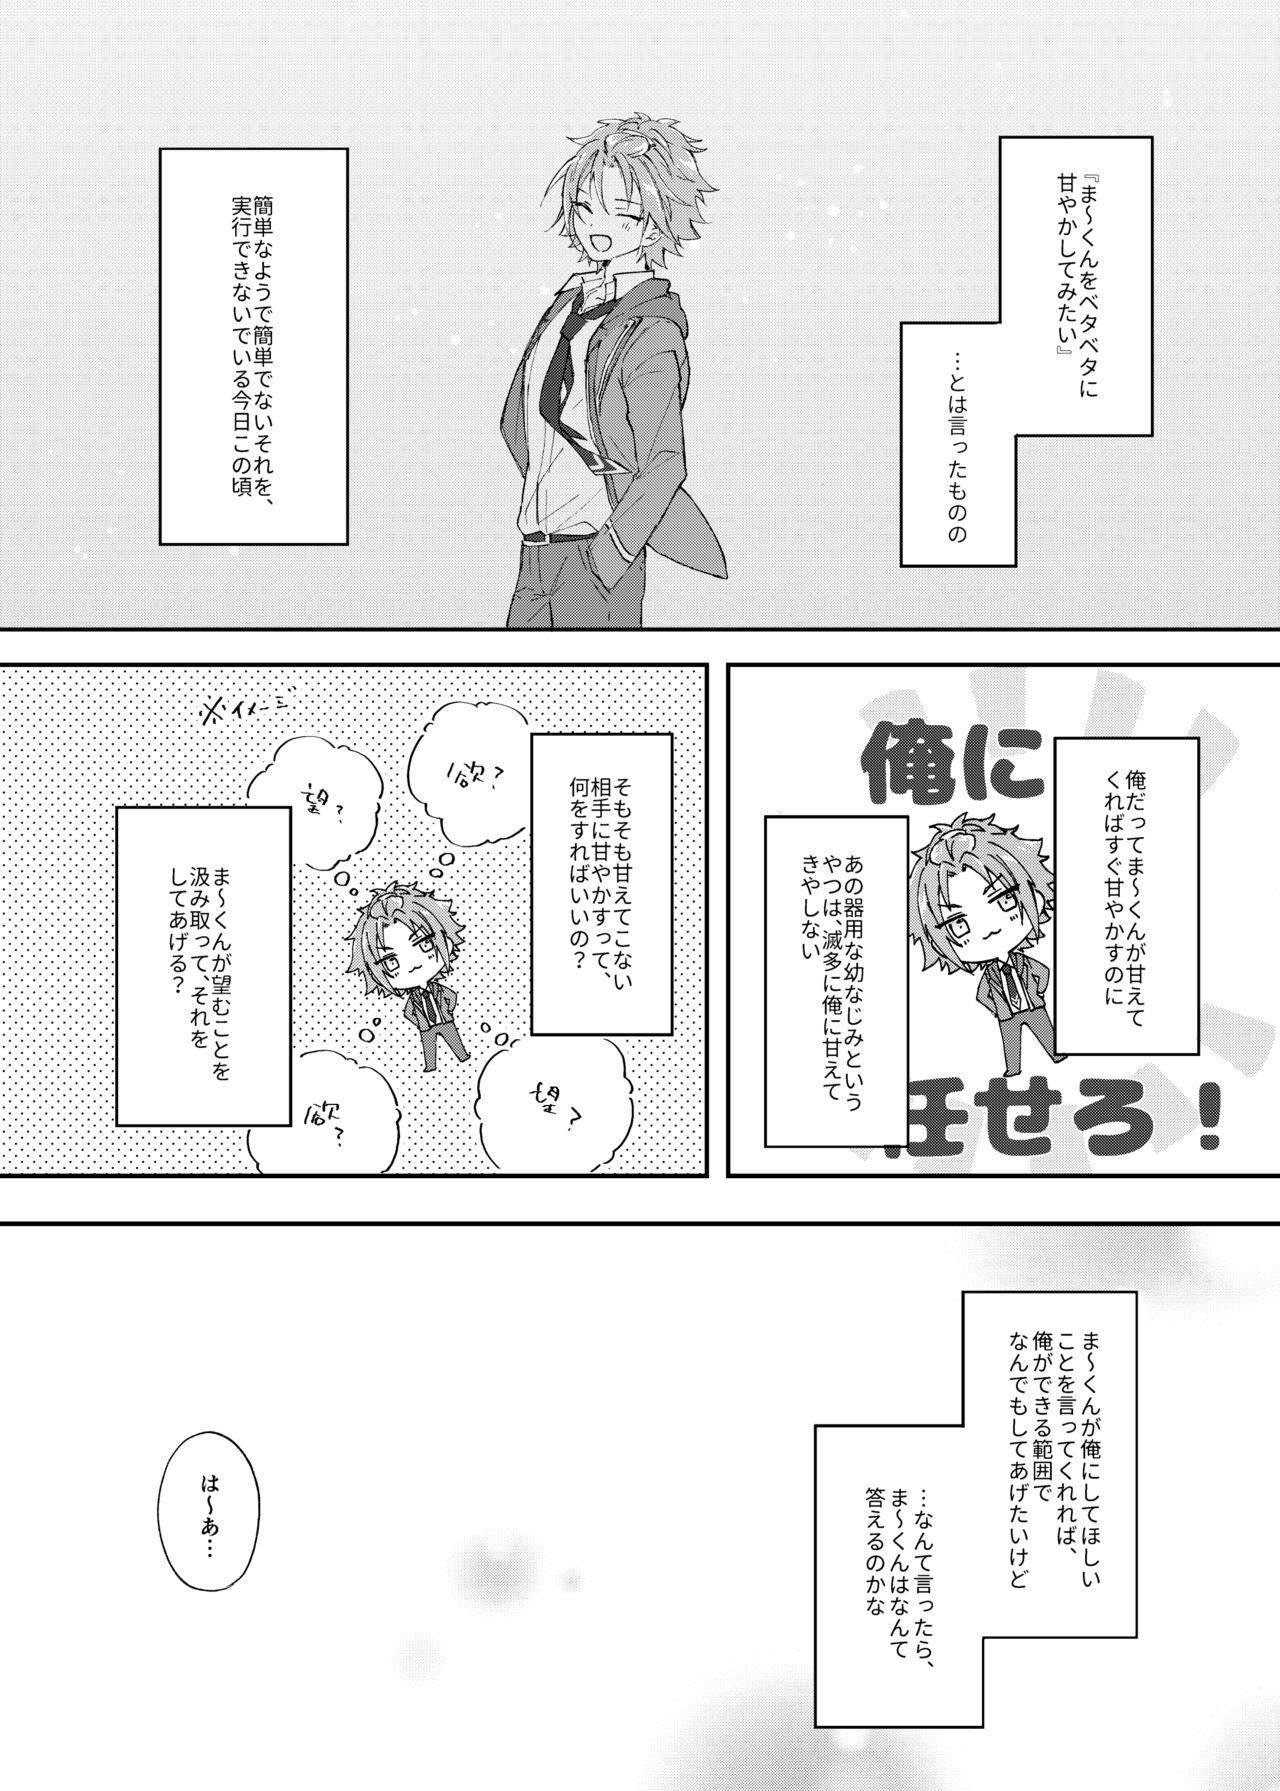 Rou o Tokashite 1